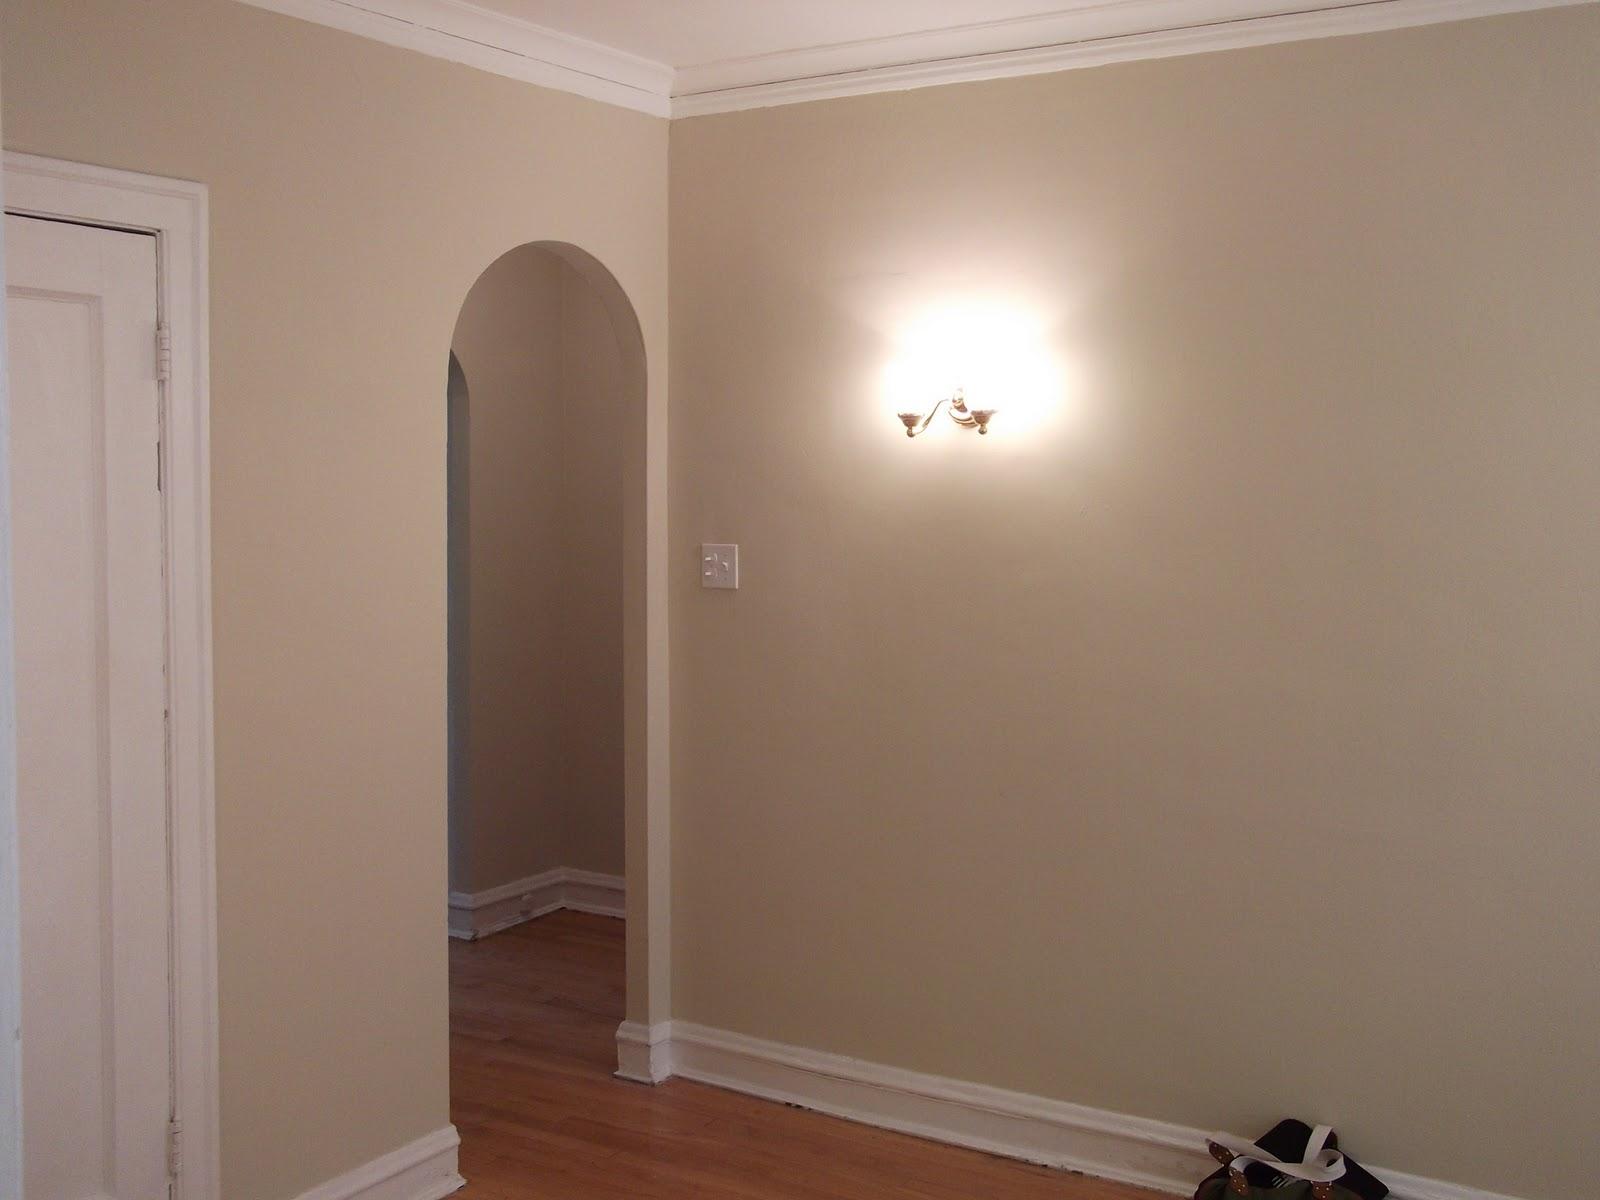 unsere erste gemeinsame wohnung zur not auch ohne schluessel chicago. Black Bedroom Furniture Sets. Home Design Ideas